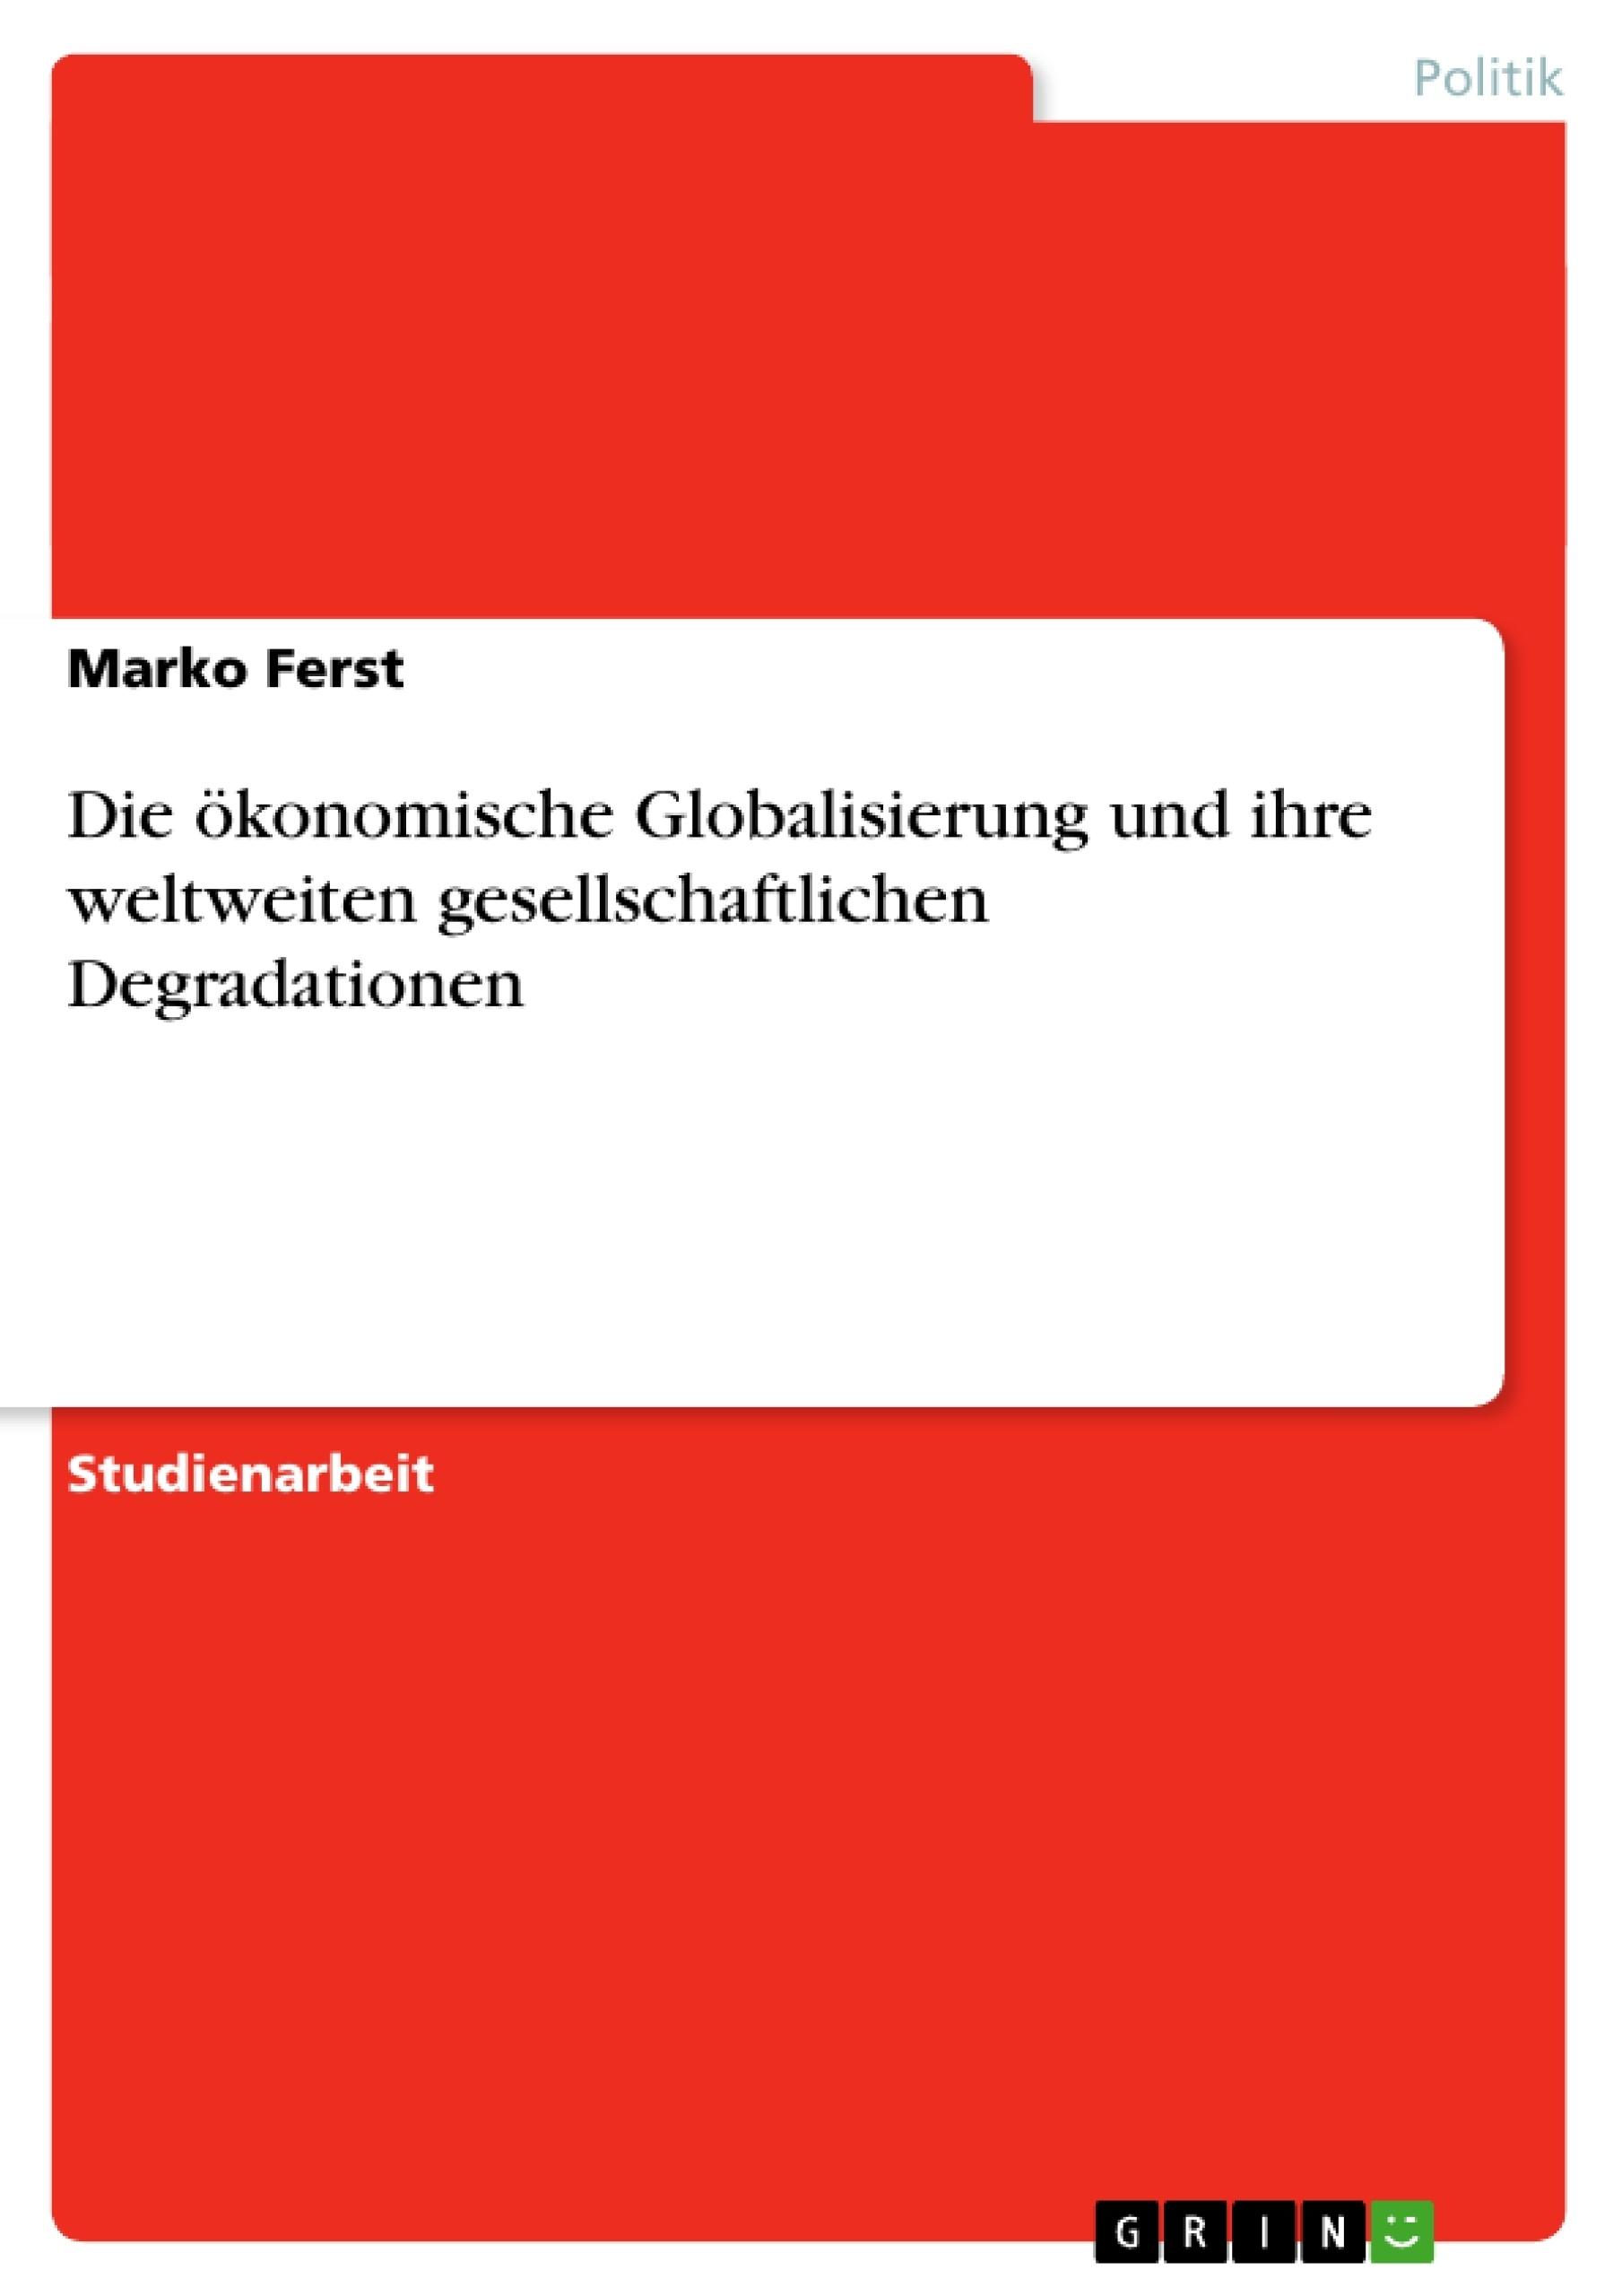 Titel: Die ökonomische Globalisierung und ihre weltweiten gesellschaftlichen Degradationen